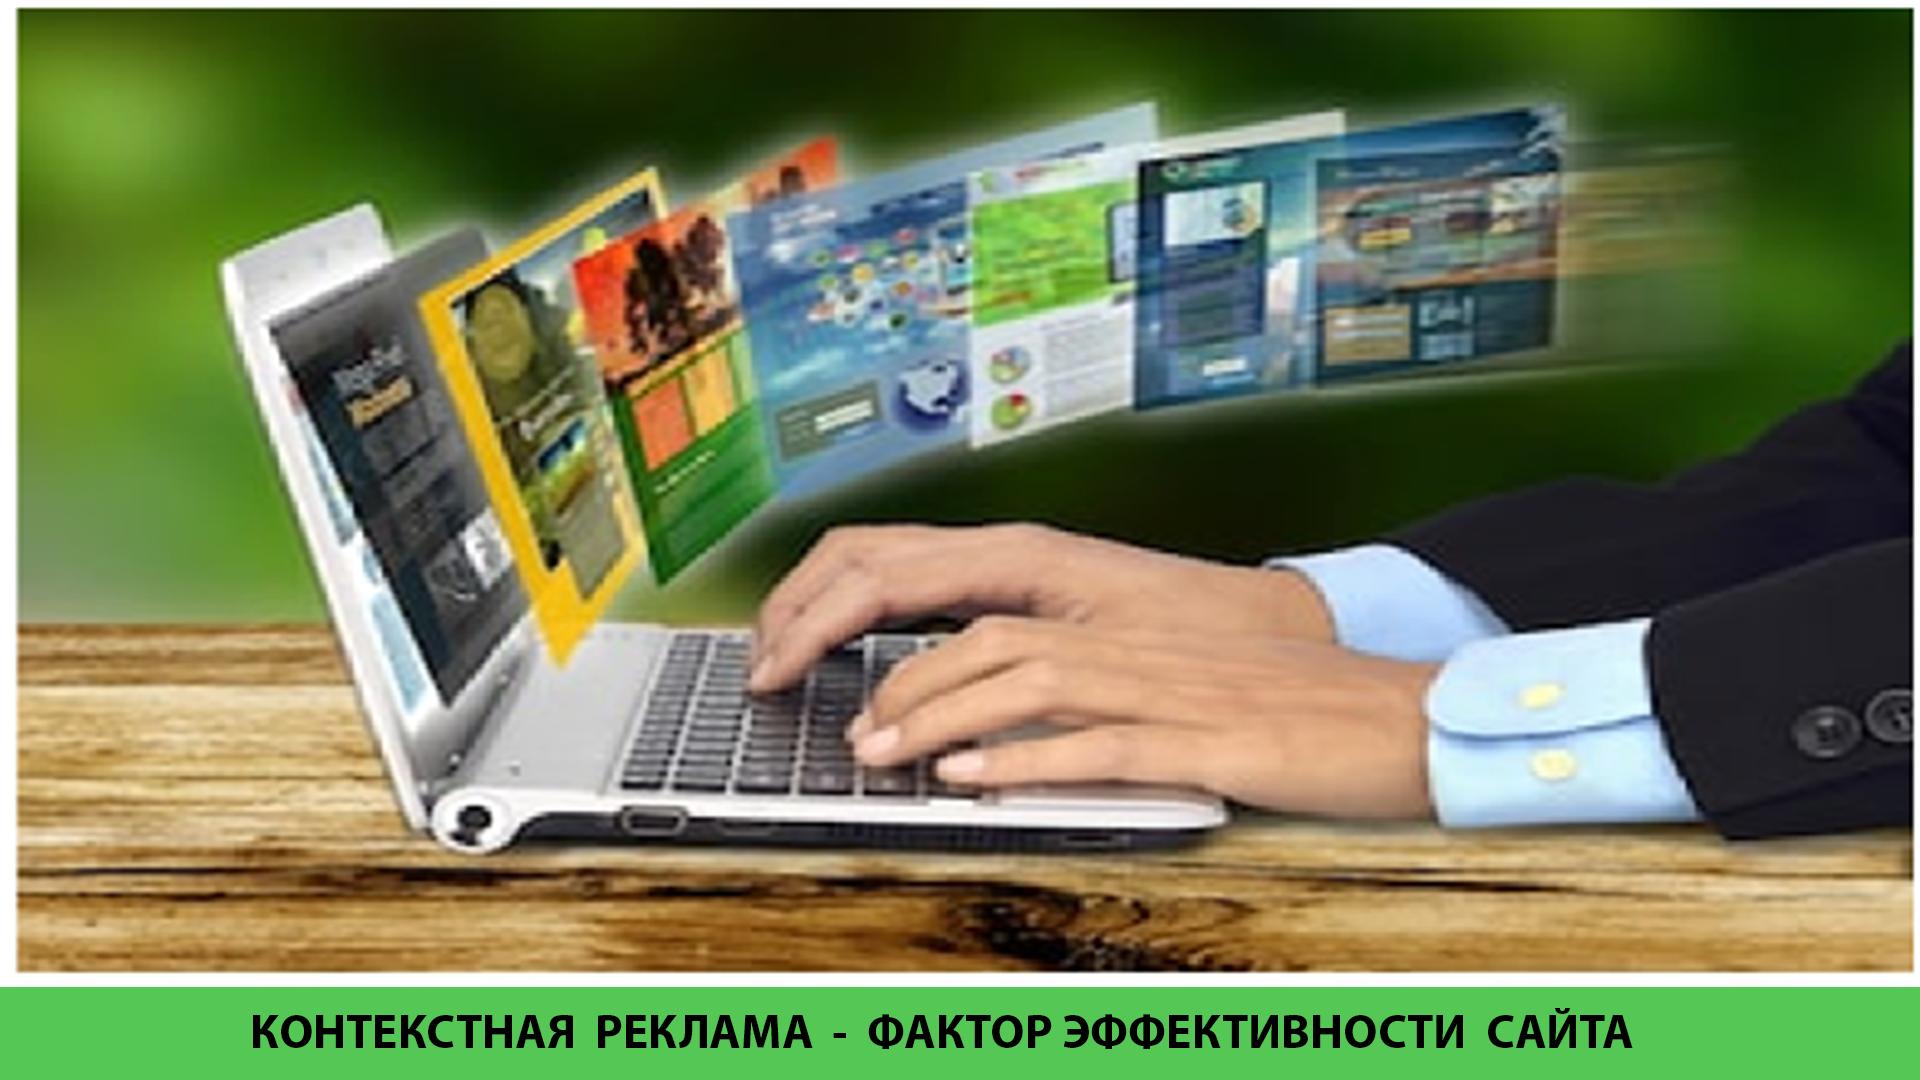 Контекстная реклама - фактор эффективности сайта